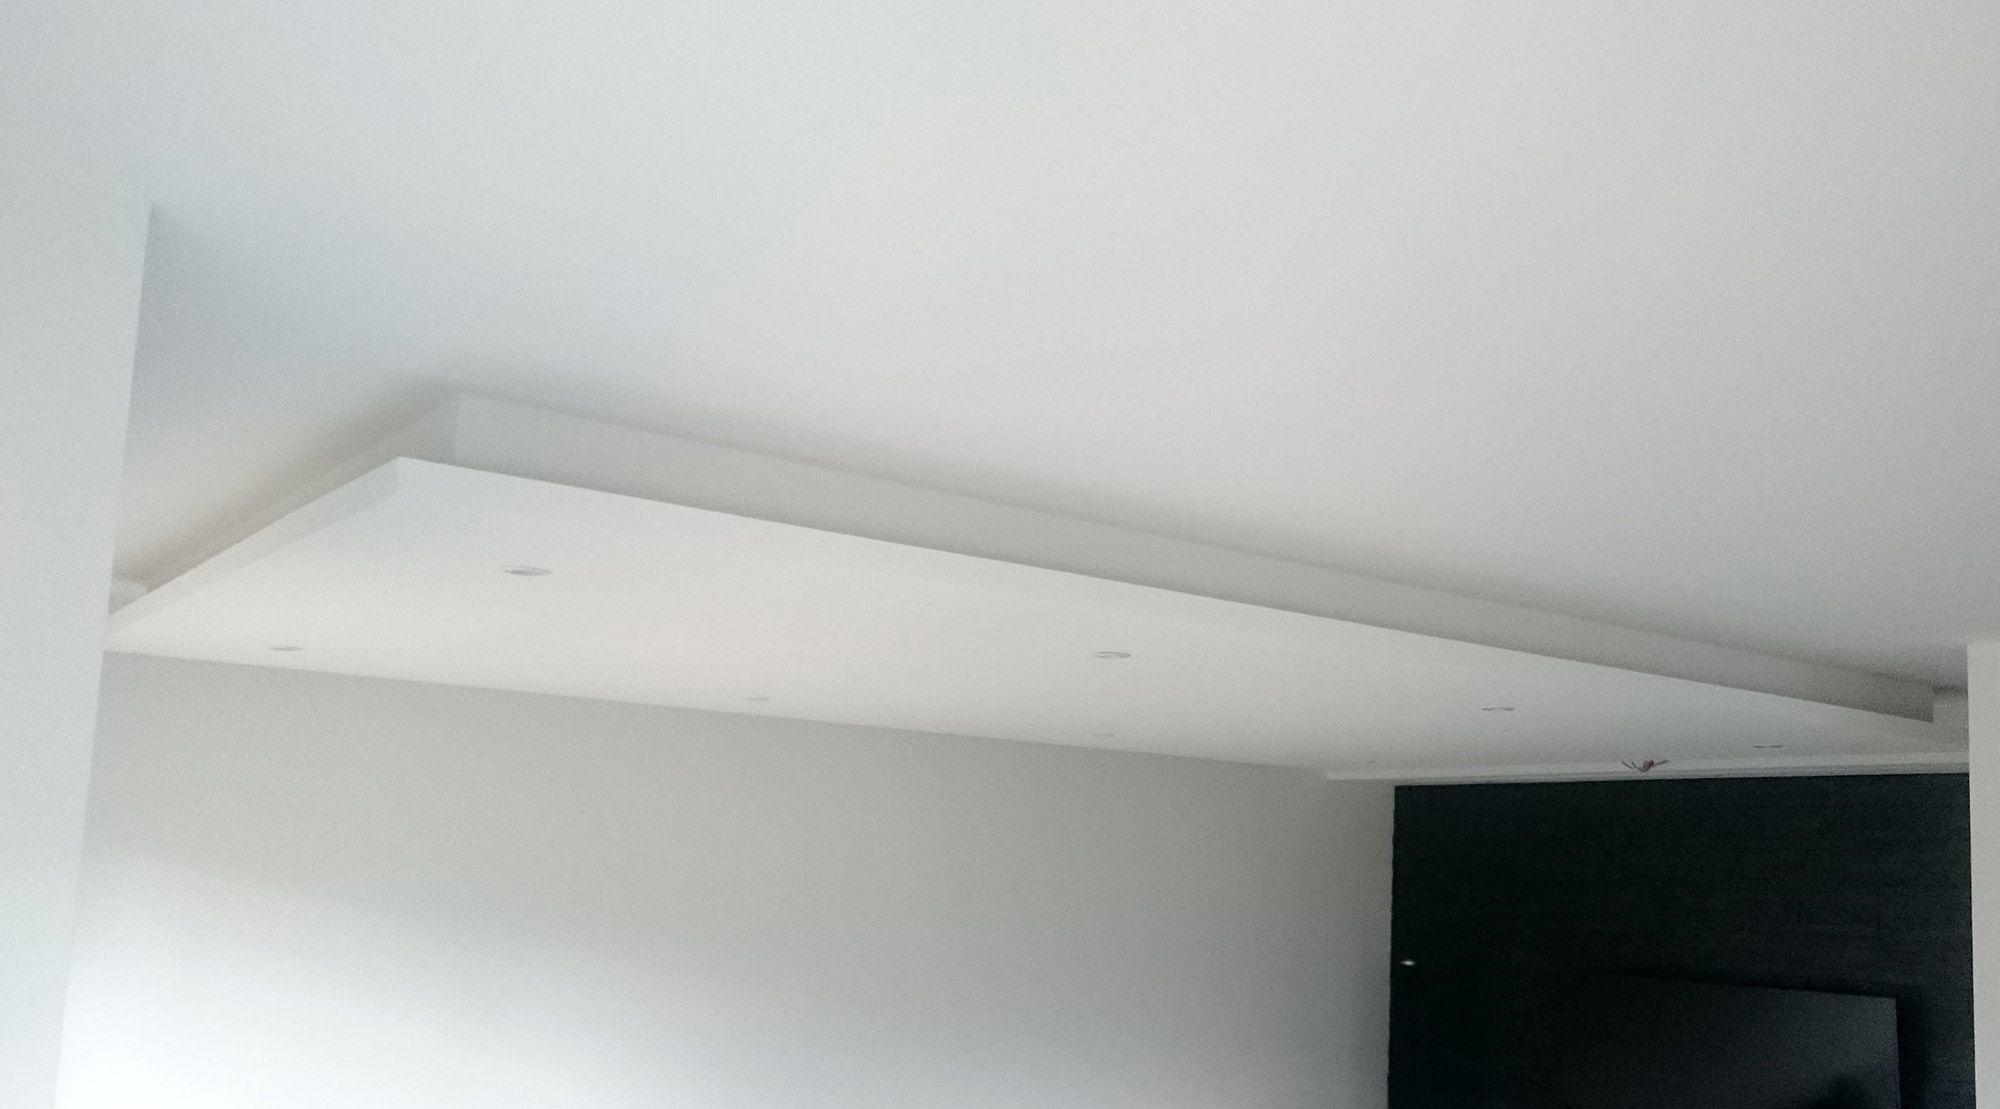 Abgehangte Decke Mit Indirekter Beleuchtung Lichtvouten Selber Machen Haus Bauen Mit Eigenleistungen Indirekte Beleuchtung Indirekte Beleuchtung Decke Und Beleuchtung Decke